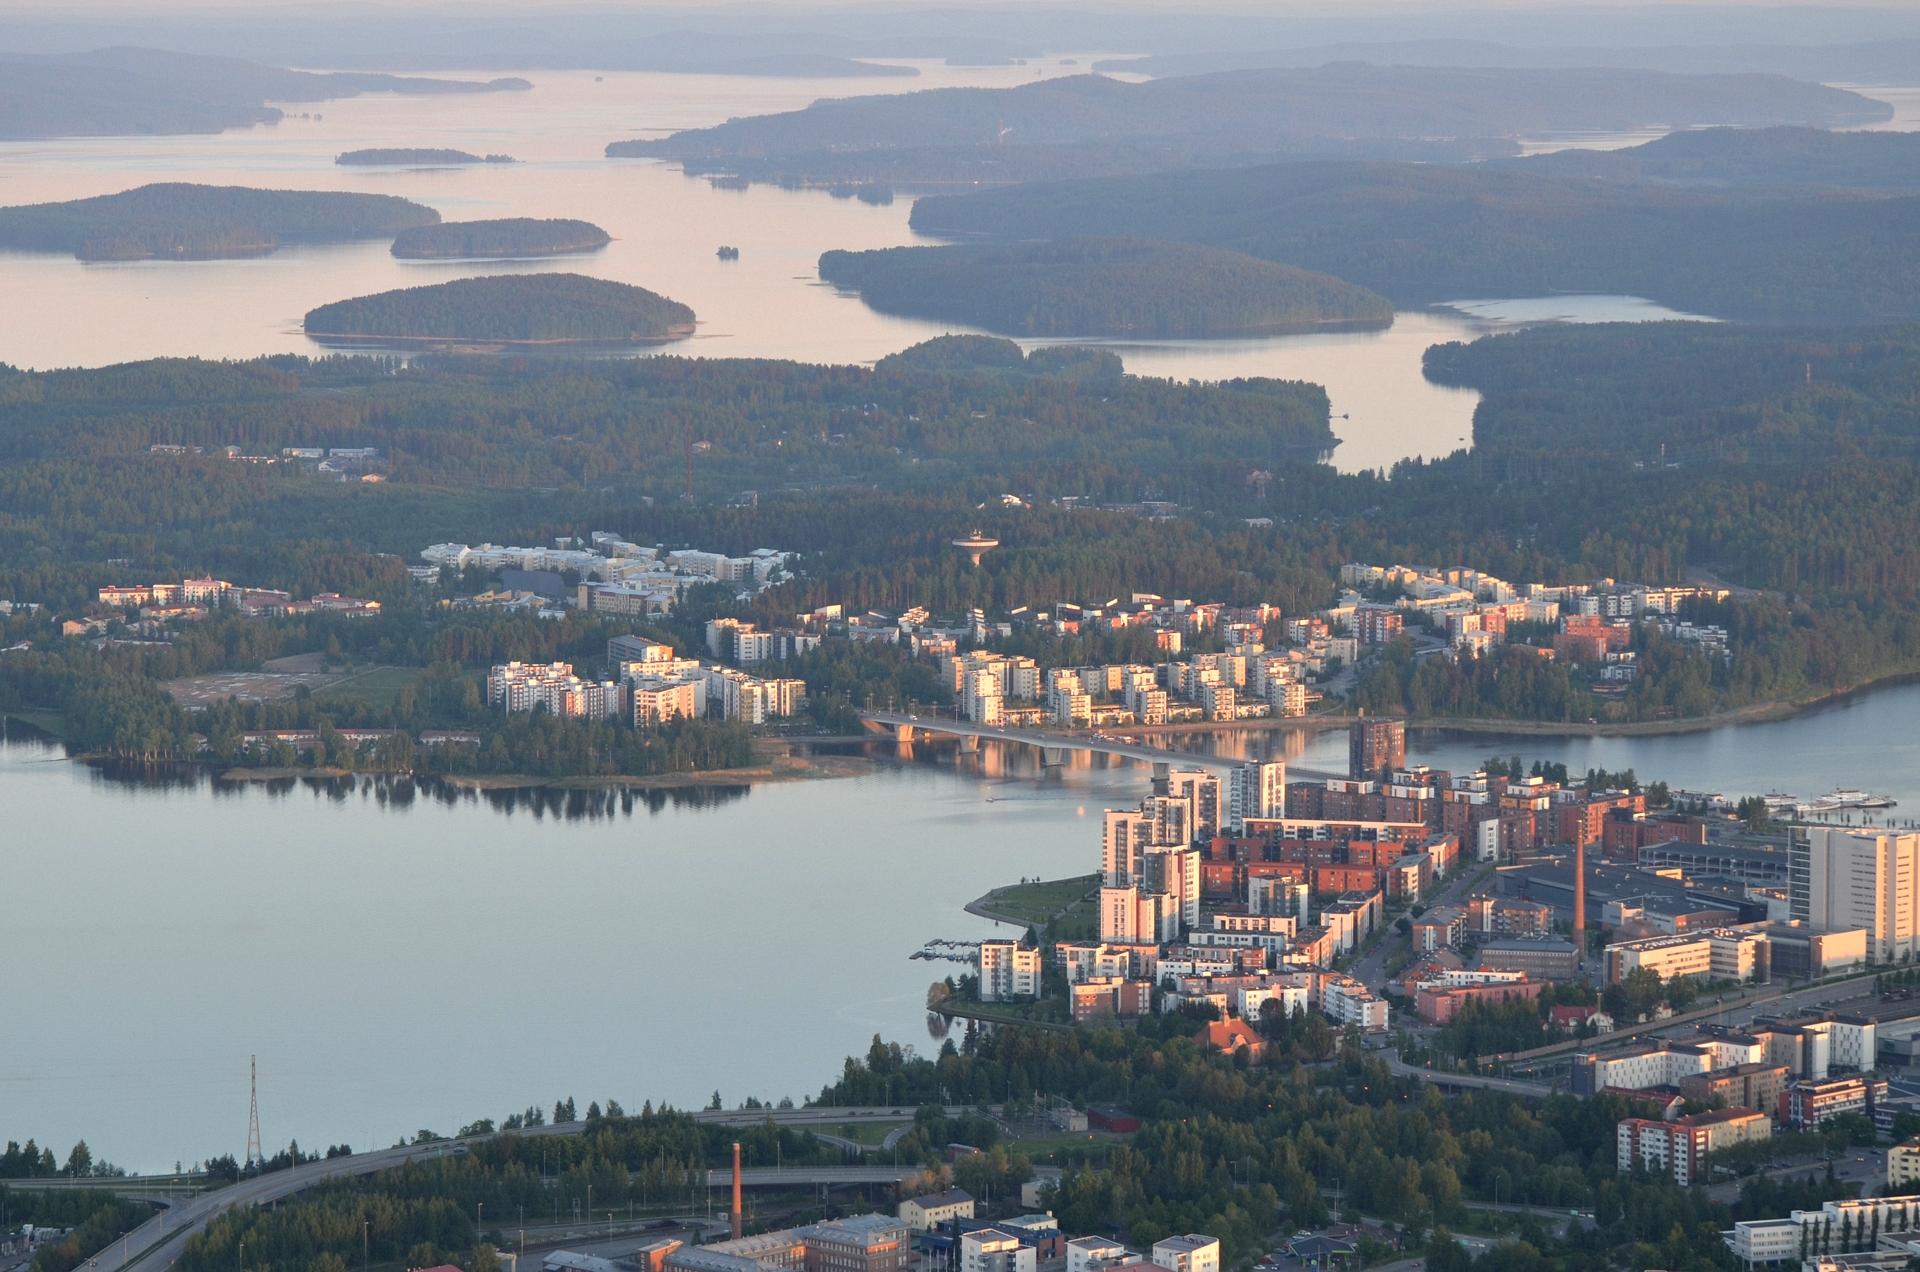 Lähimpänä Lutakkoa ja Jyväsjärven takana Kuokkalaa. Taaempana Päijännettä.